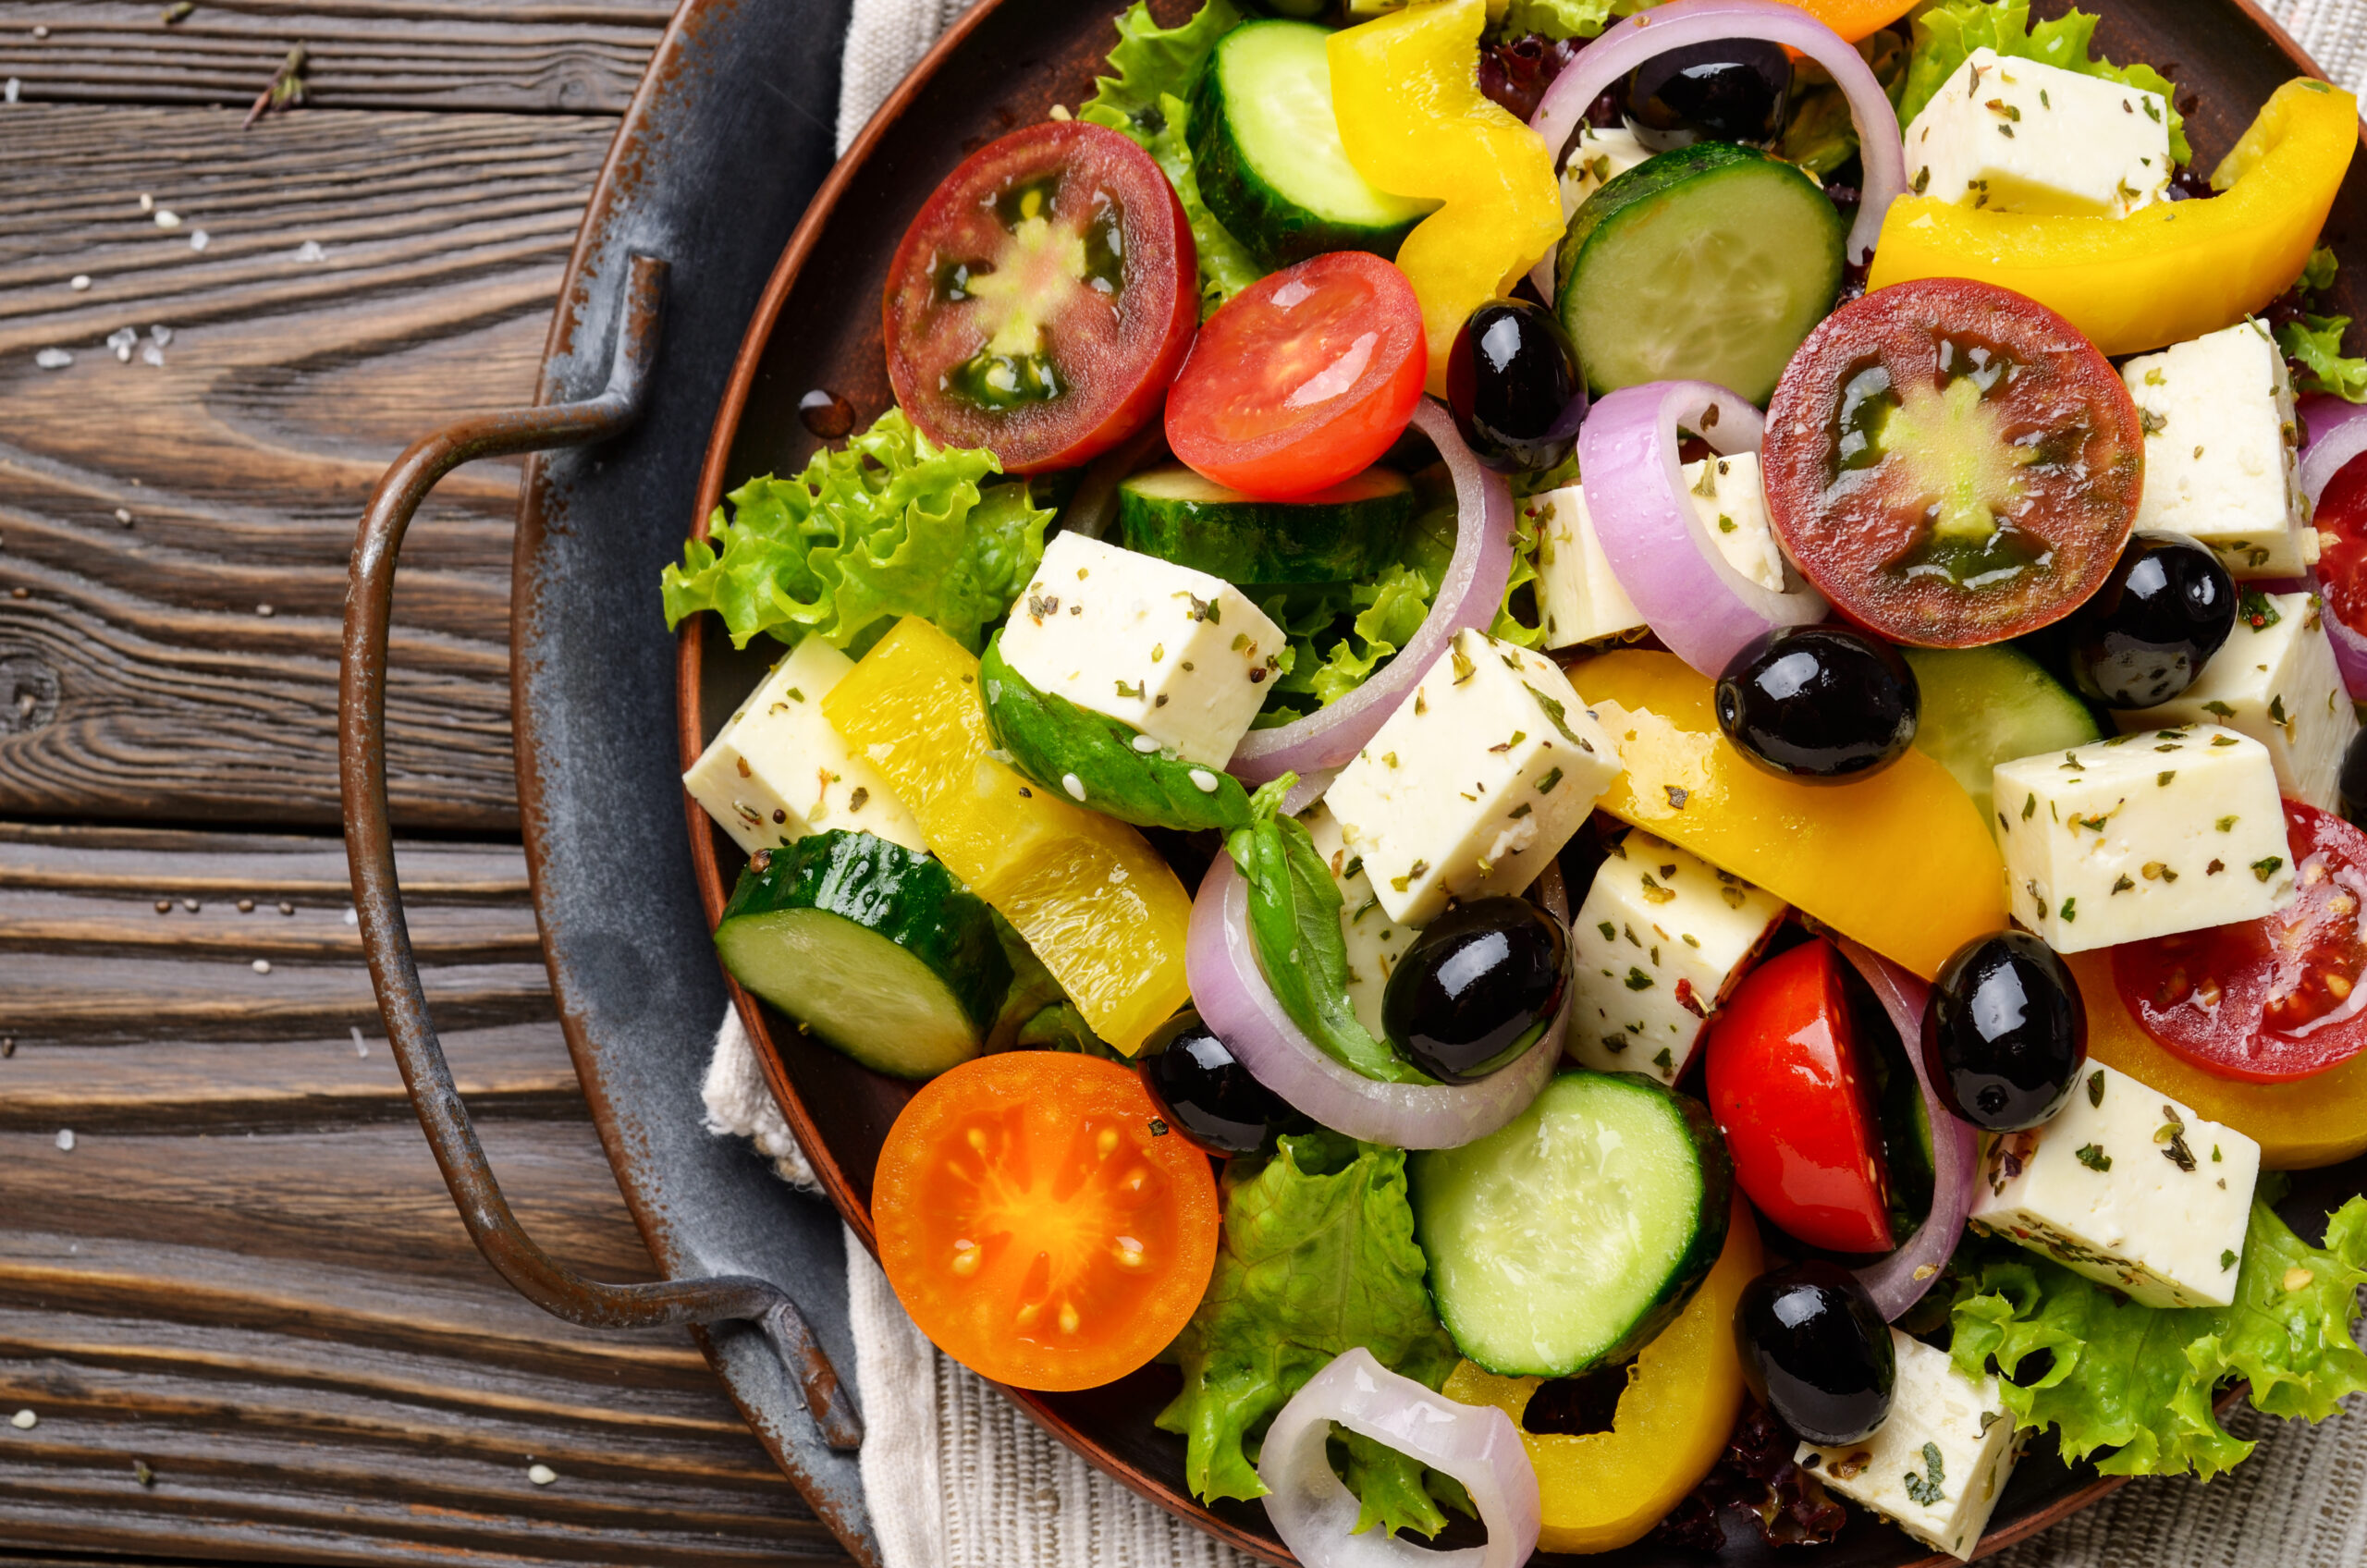 Cómo llevar una dieta equilibrada a través de los colores.